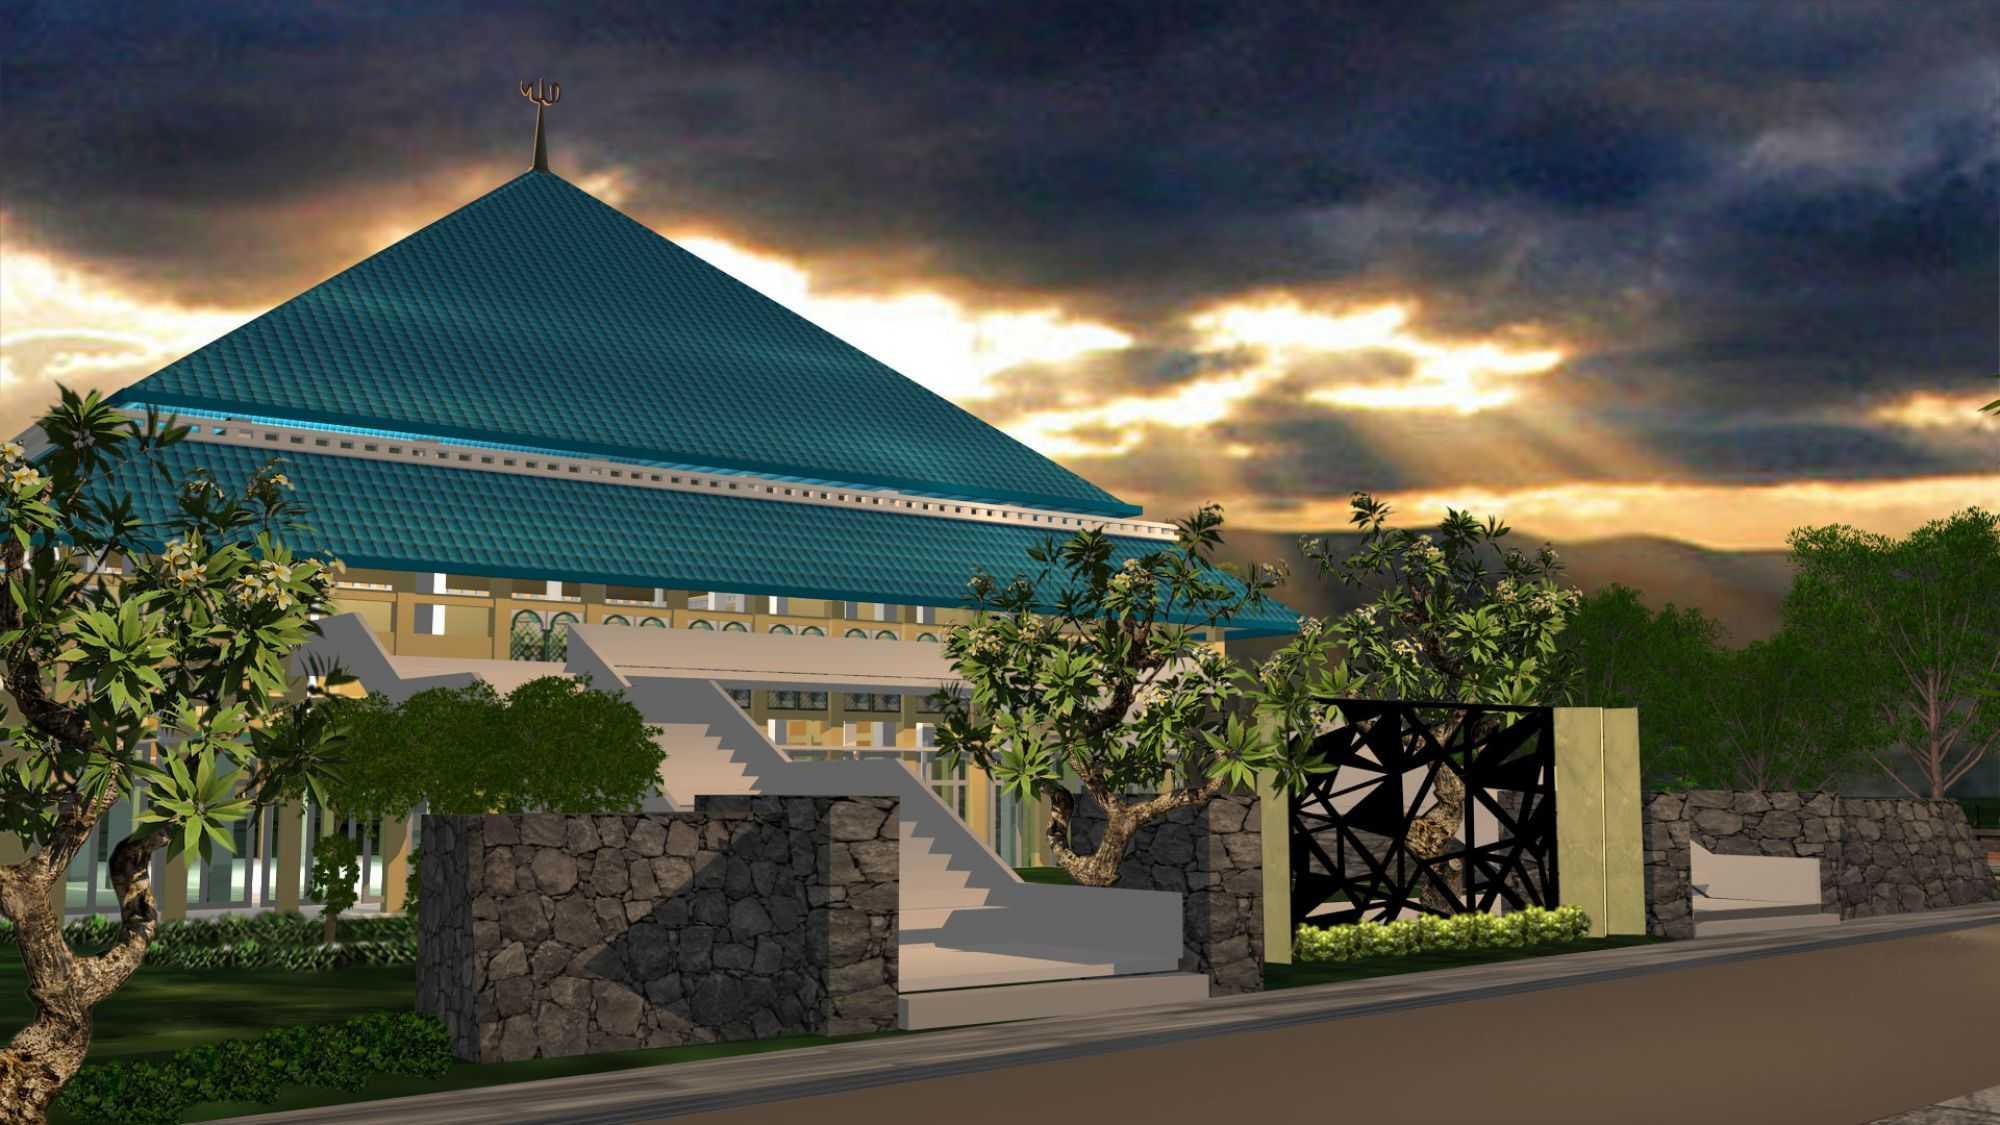 Mikael Wahyu Masjid Praya Lombok Lombok Front View   26786